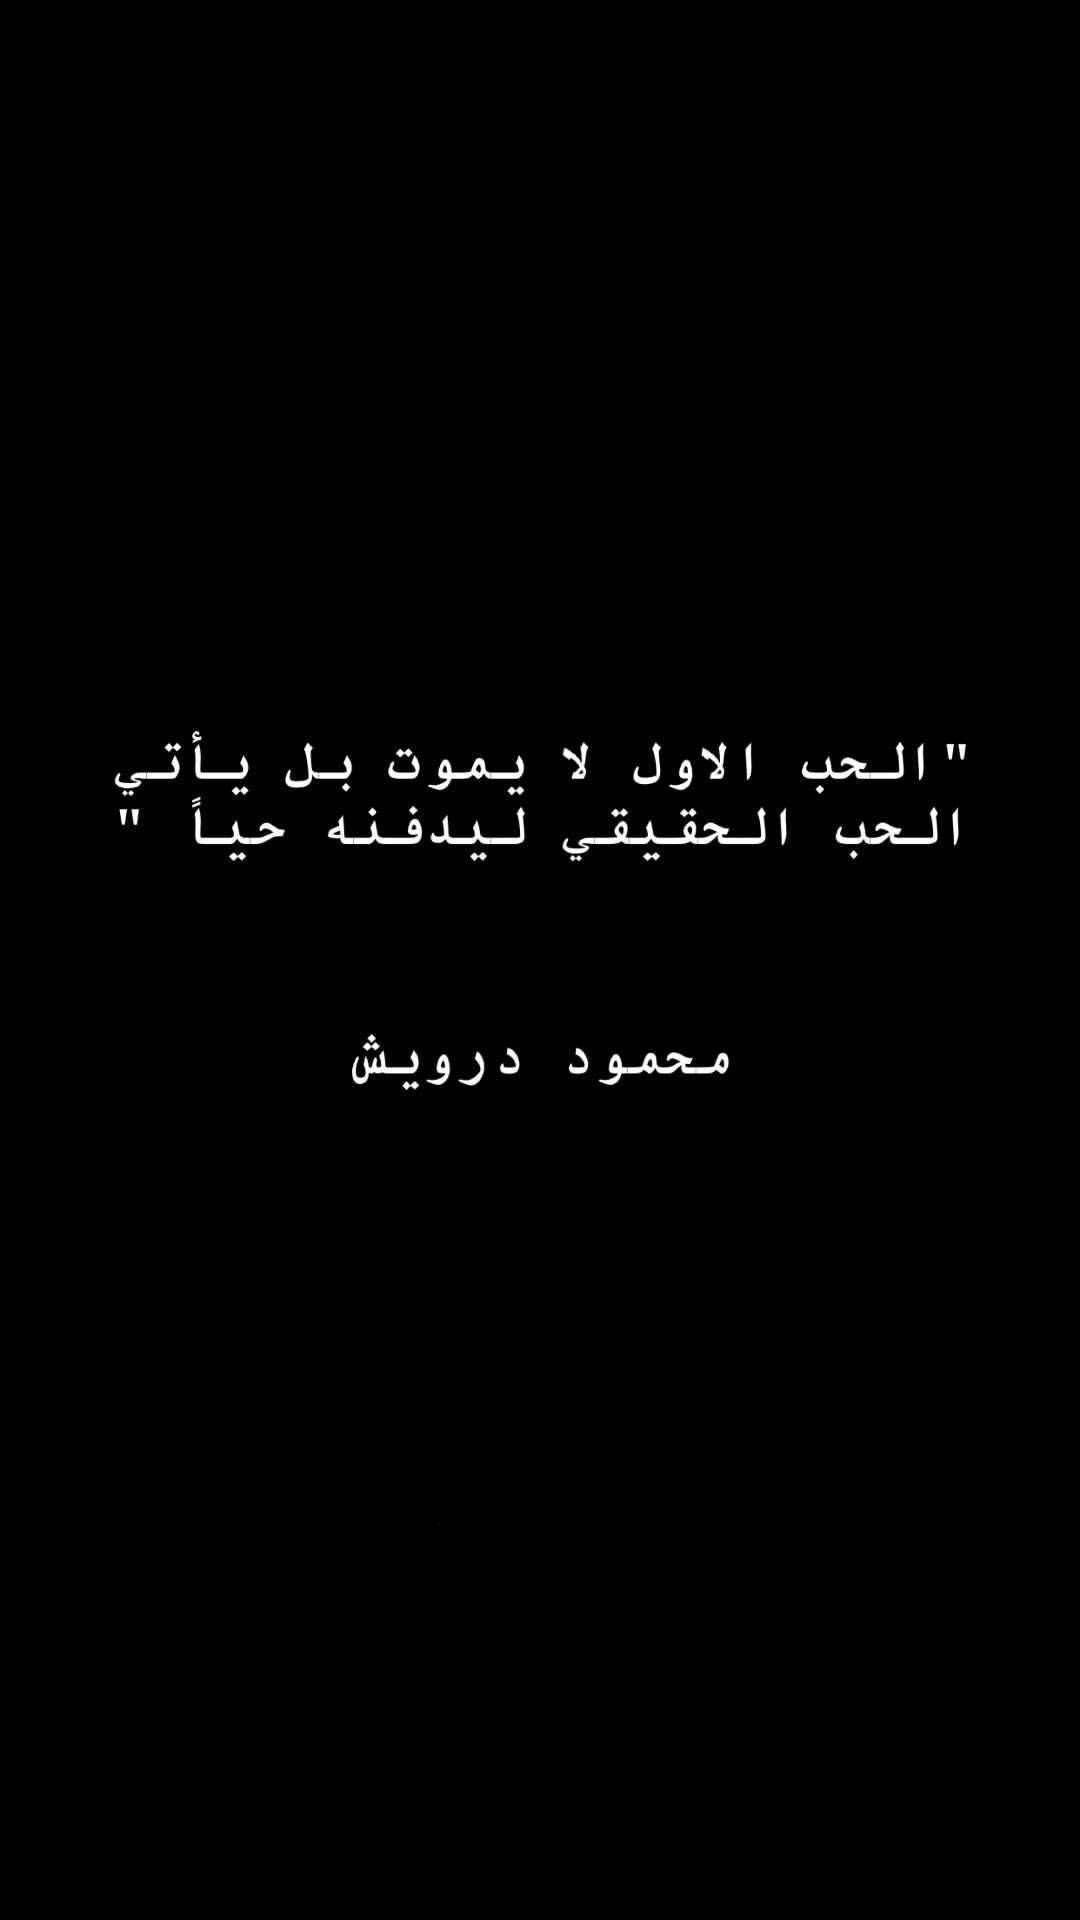 Quotes اقتباسات Quotes Beautiful Quotes Life Quotes